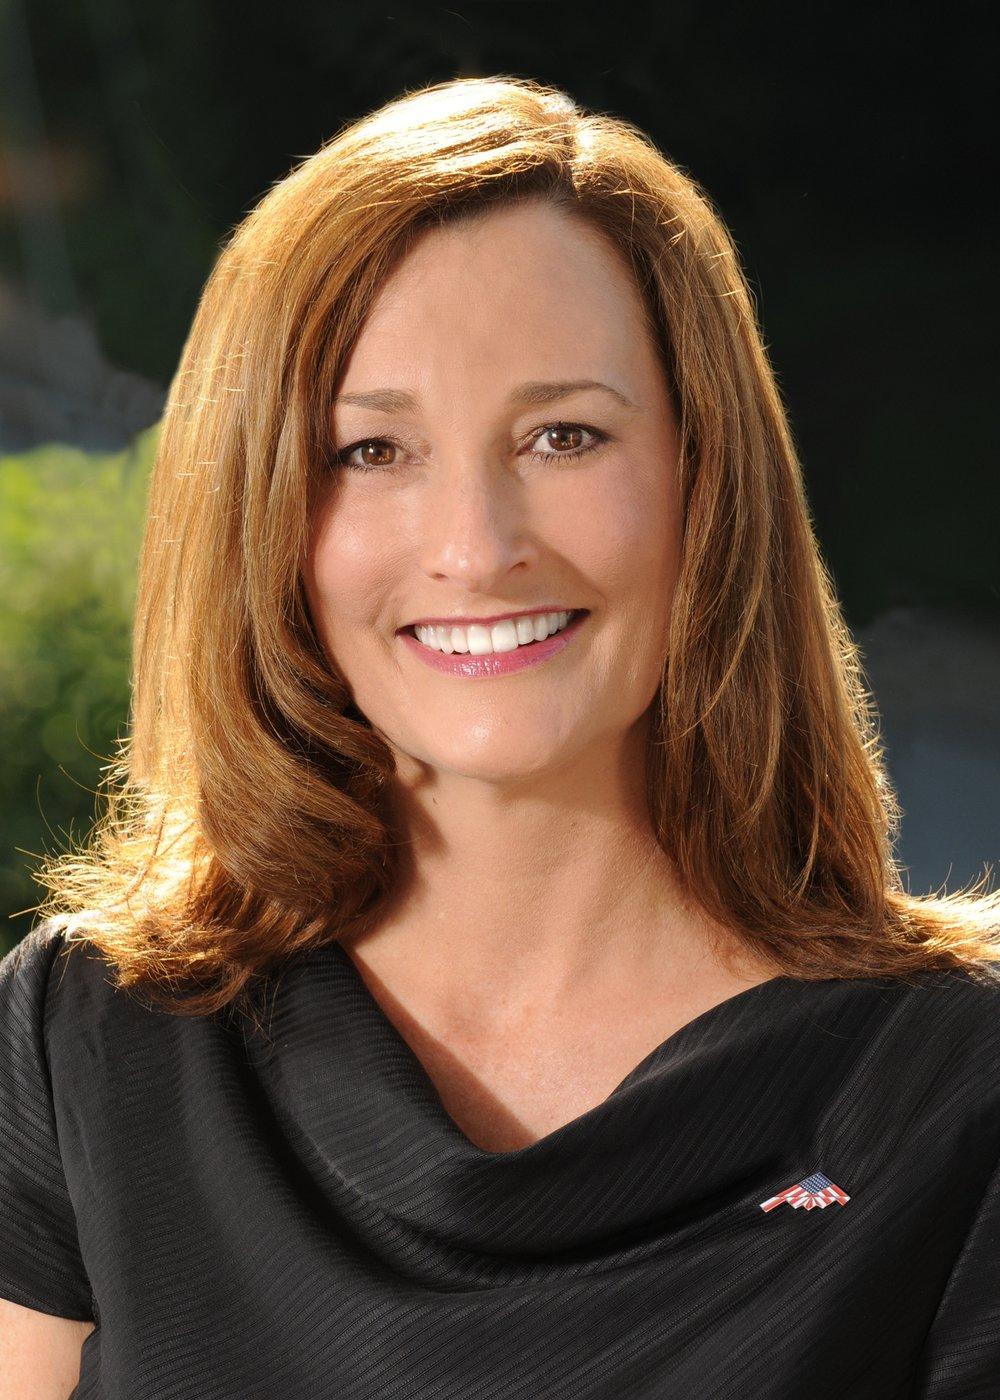 Gina Gervino